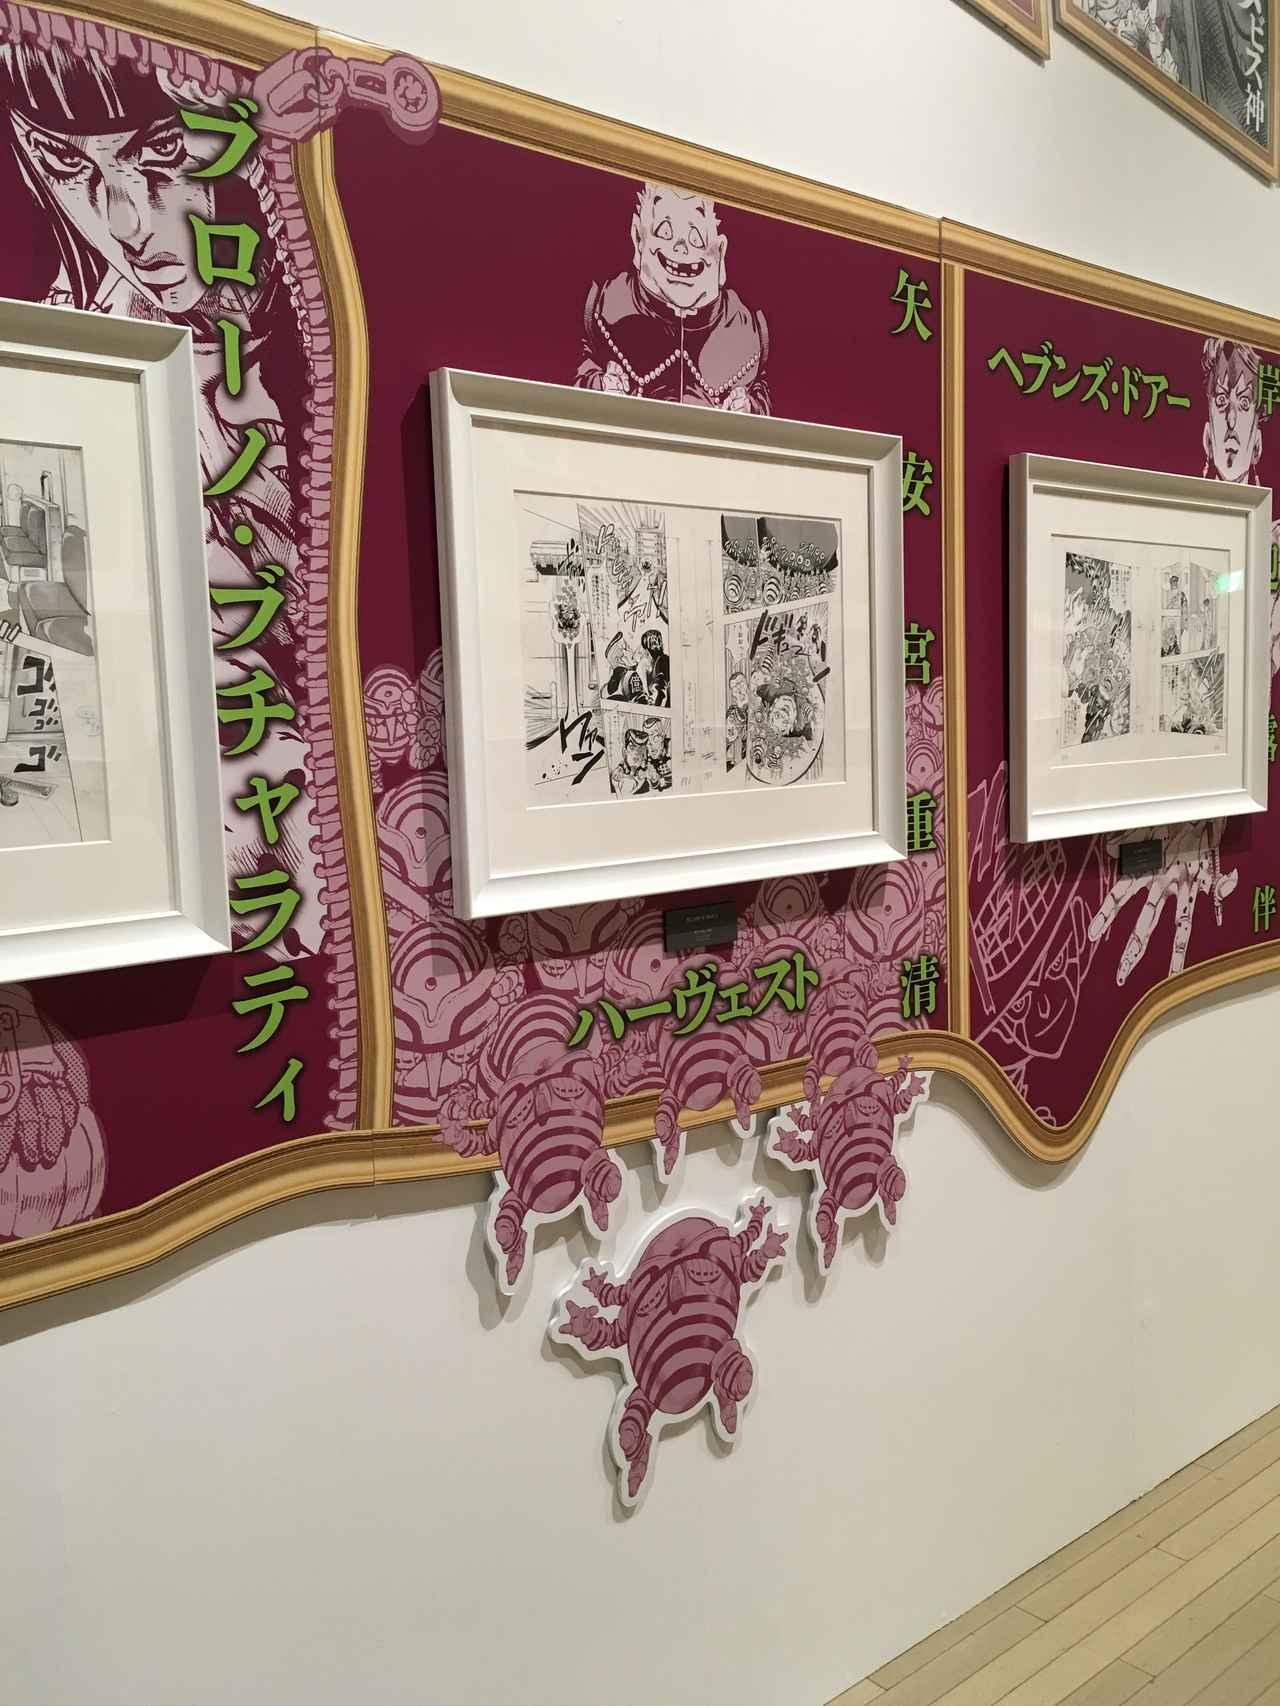 画像7: ©︎荒木飛呂彦&LUCKY LAND COMMUNICATIONS/集英社 photo©︎cinefil